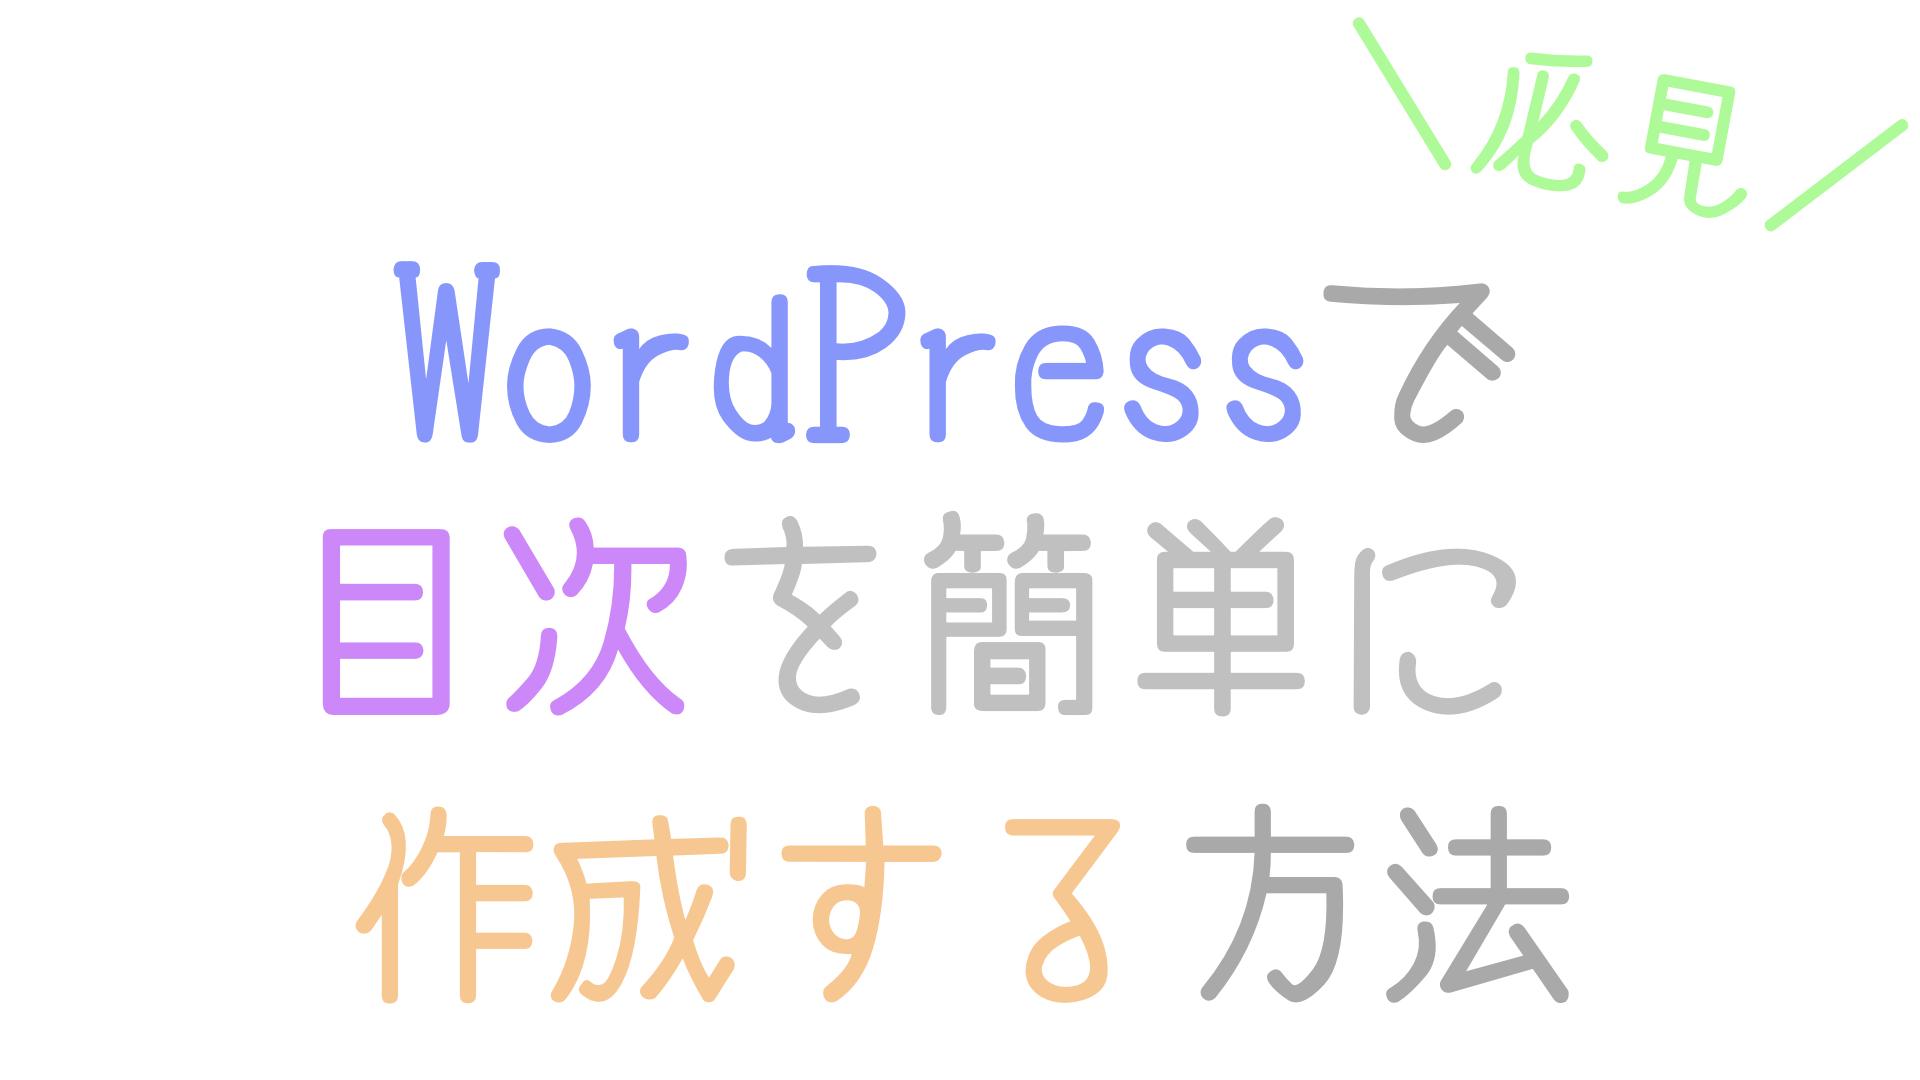 wordpressで目次を簡単に作成する方法